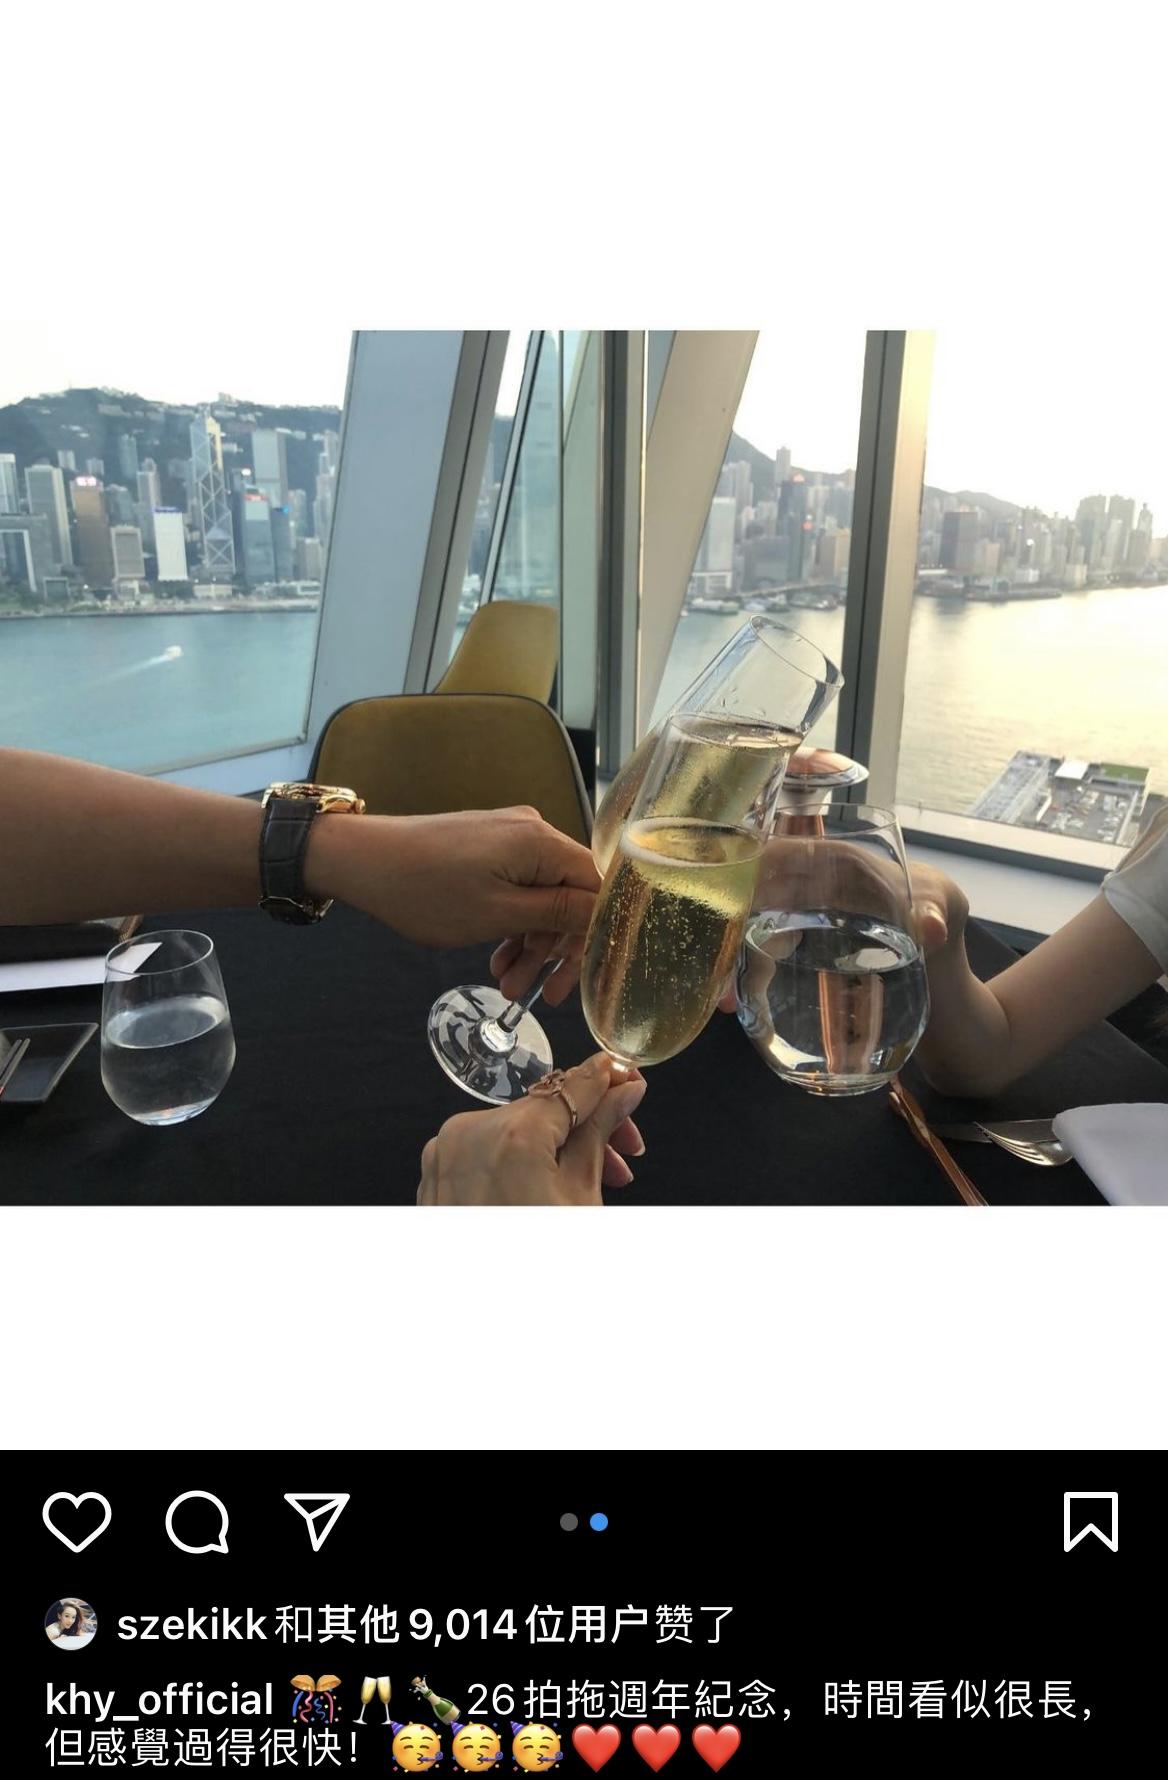 林文龍郭可盈喝香檳慶相戀26年,分享夫妻相處之道,男方主動謙讓